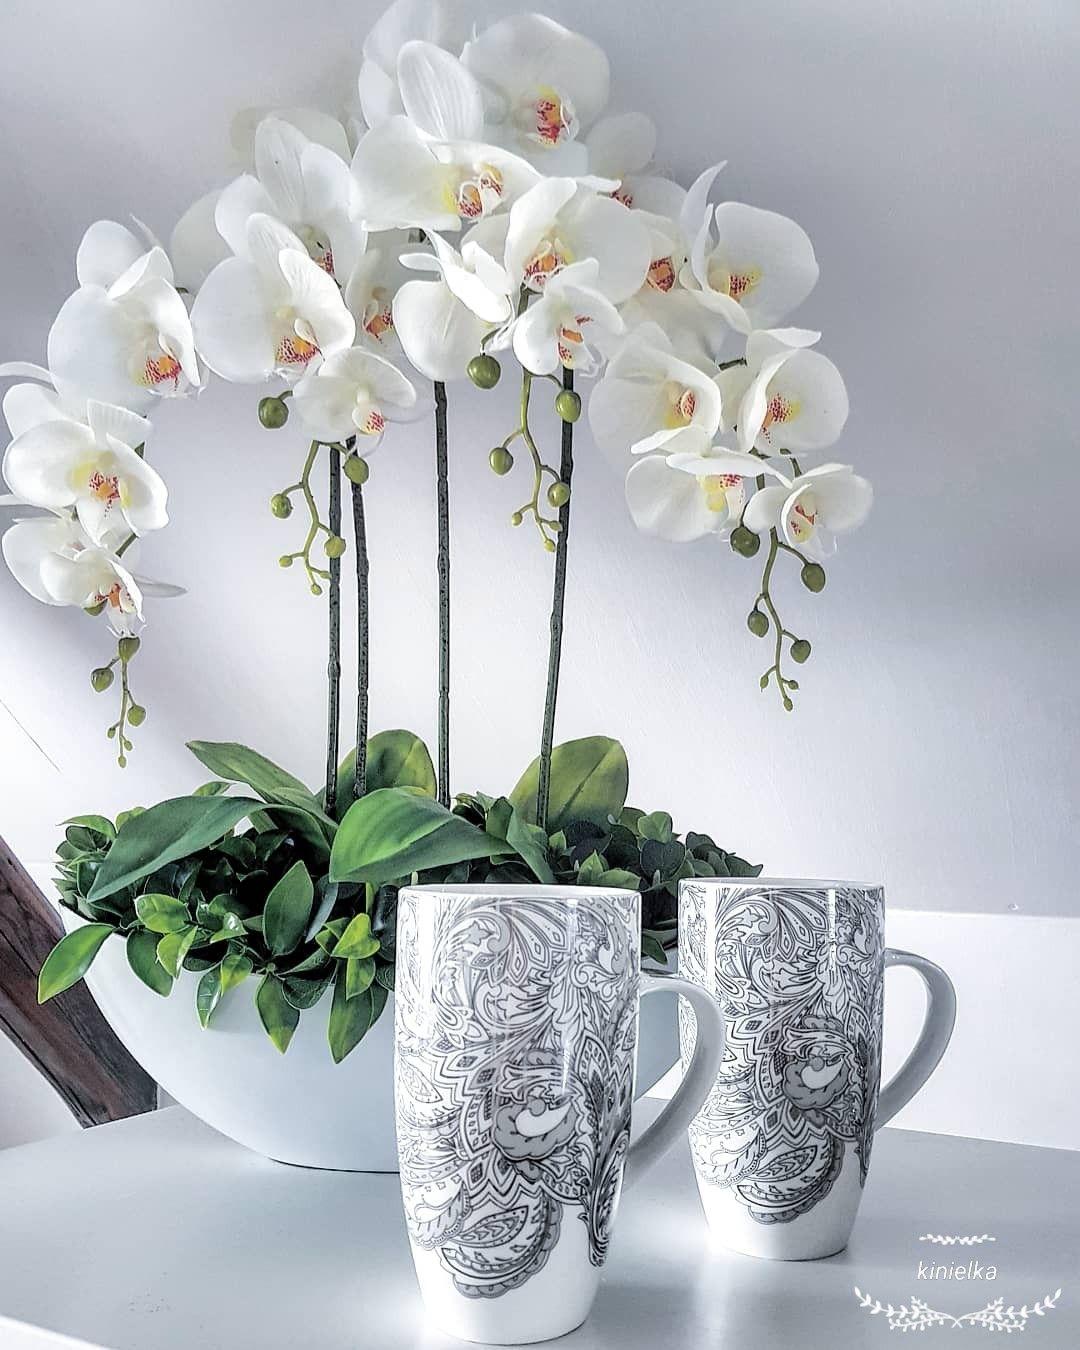 Cups Orchid Home Decoration Home Design Ikea Decor House Design Planter Pots